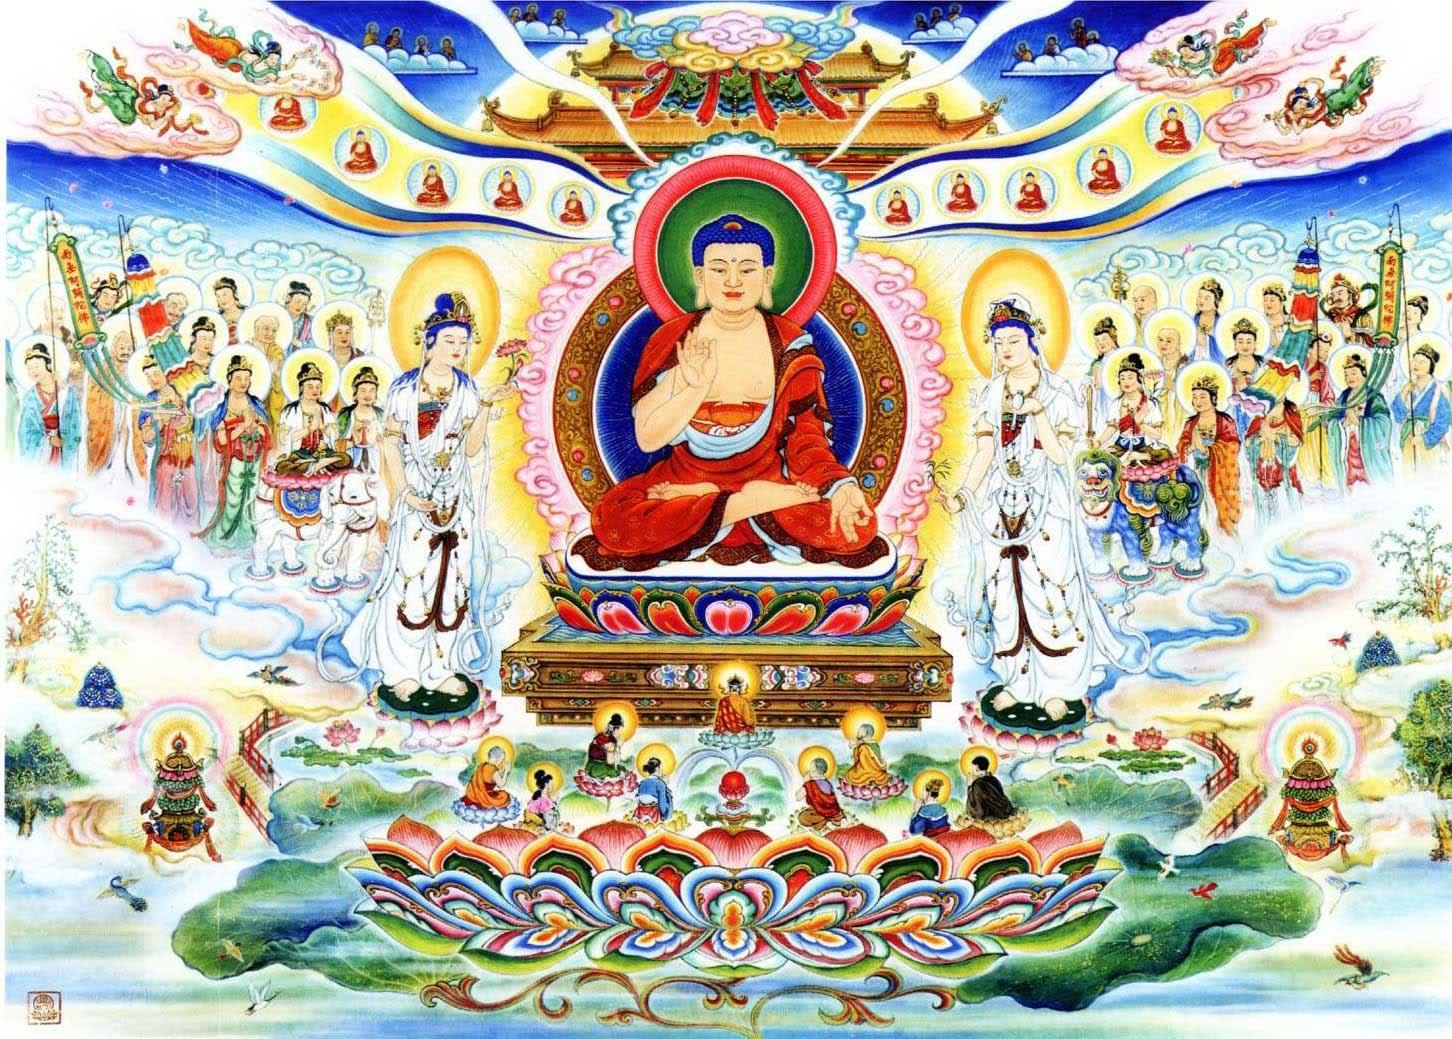 Ảnh chư Phật họp bàn cùng một nơi